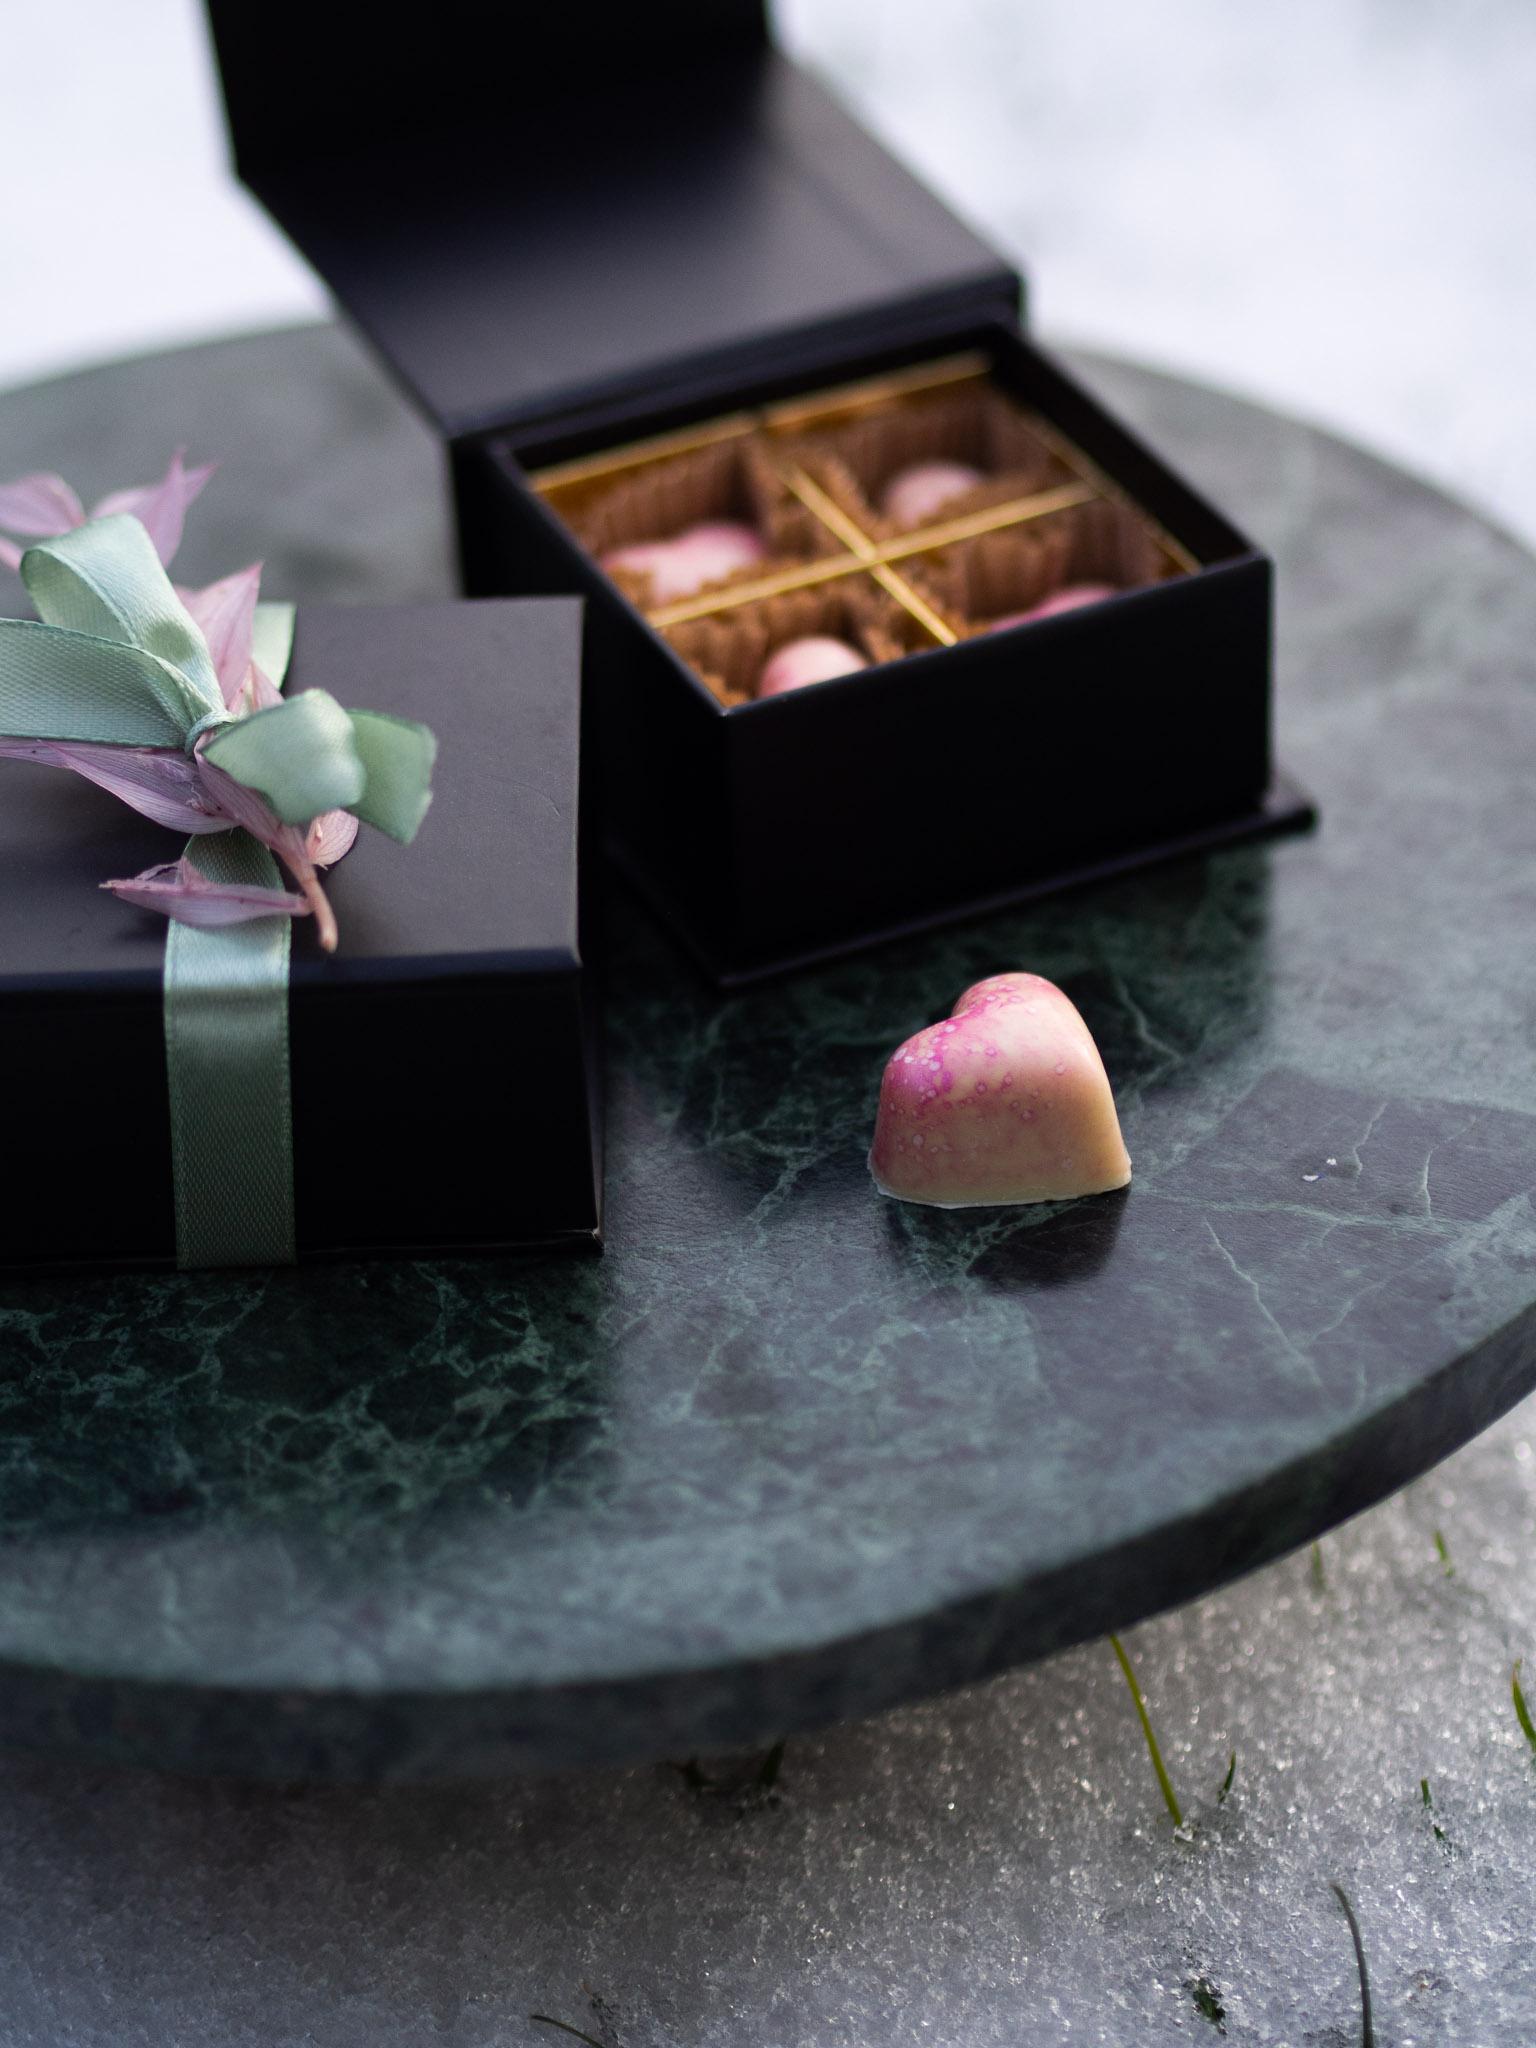 4er Pralinenbox Mandel-Macadamia Nougat mit weißer Schokolade